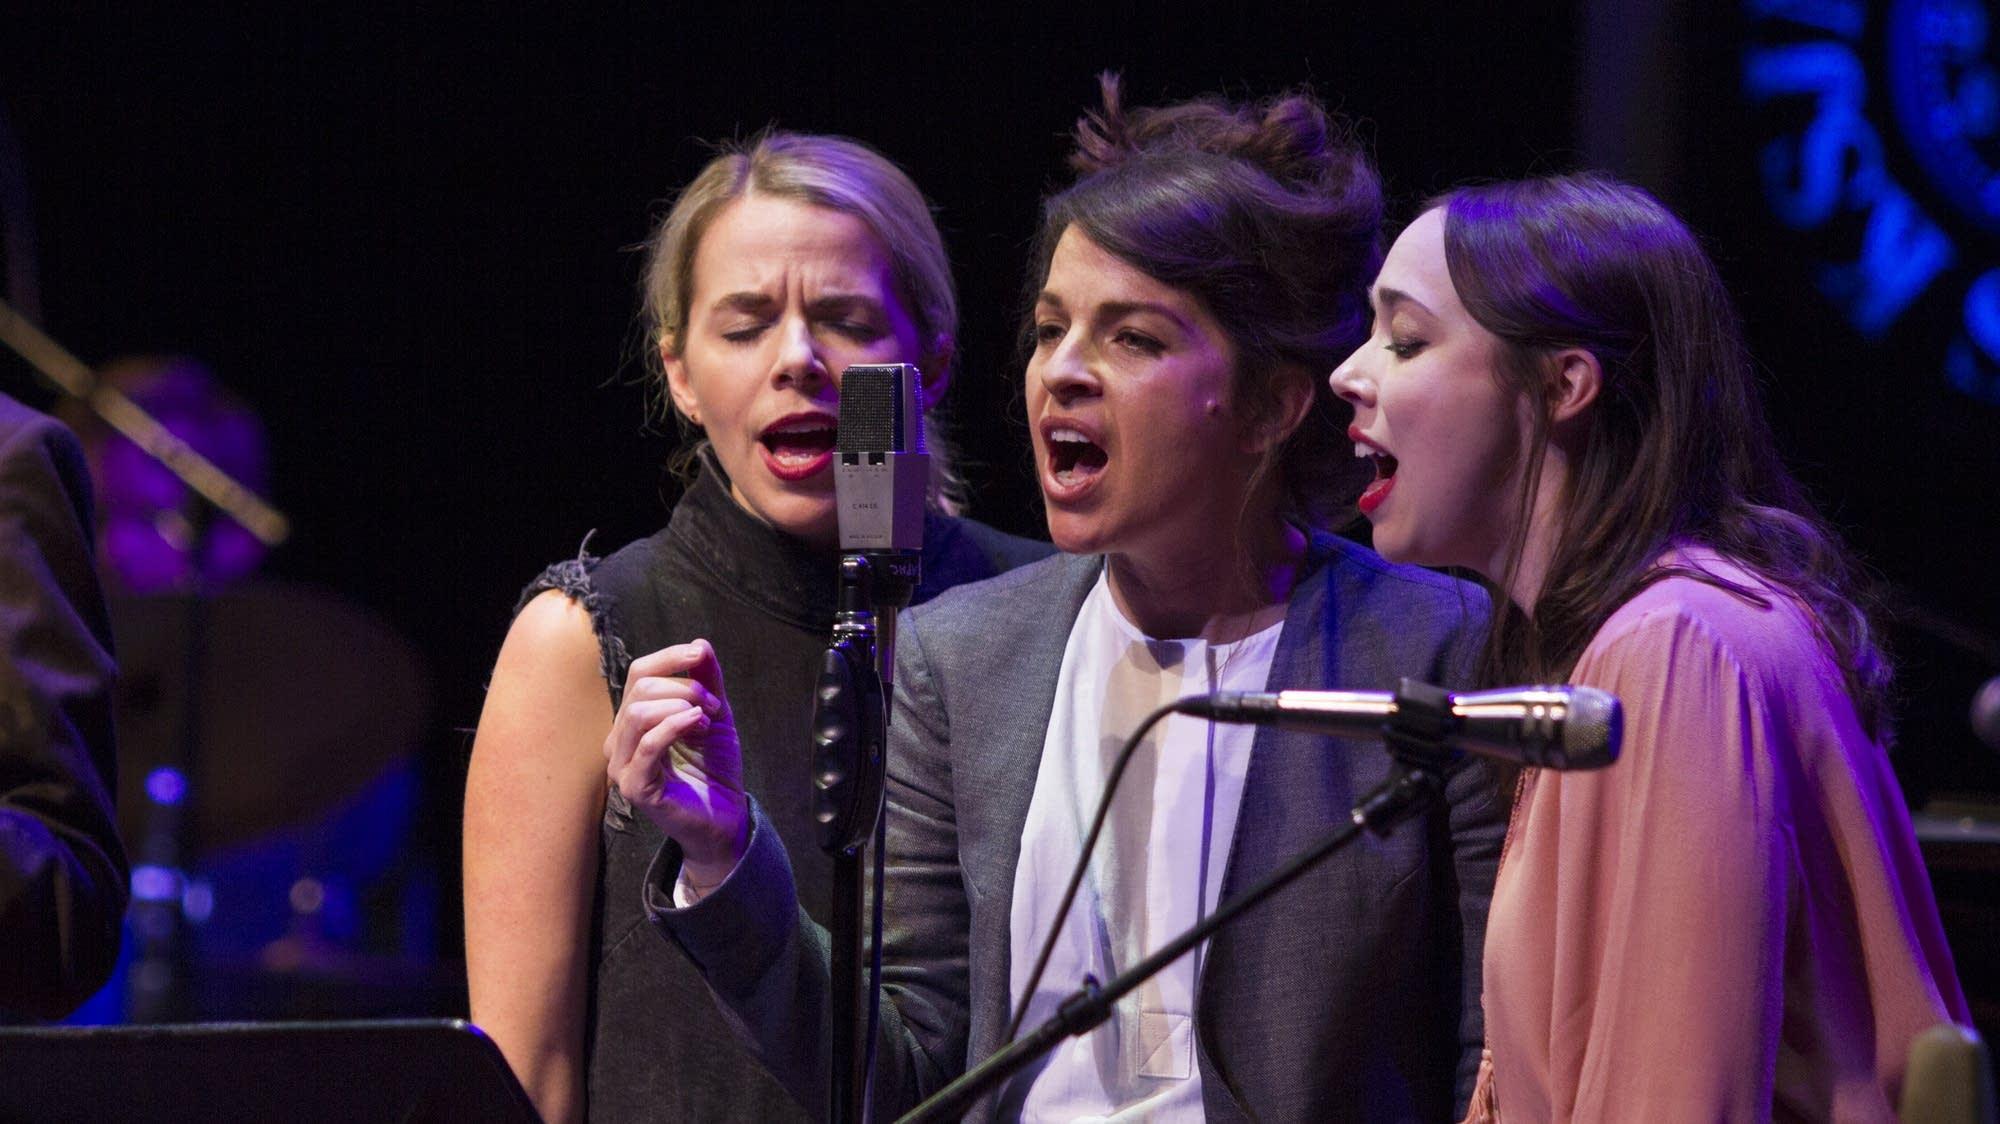 Jesca Hoop with Aoife O'Donovan and Sarah Jarosz